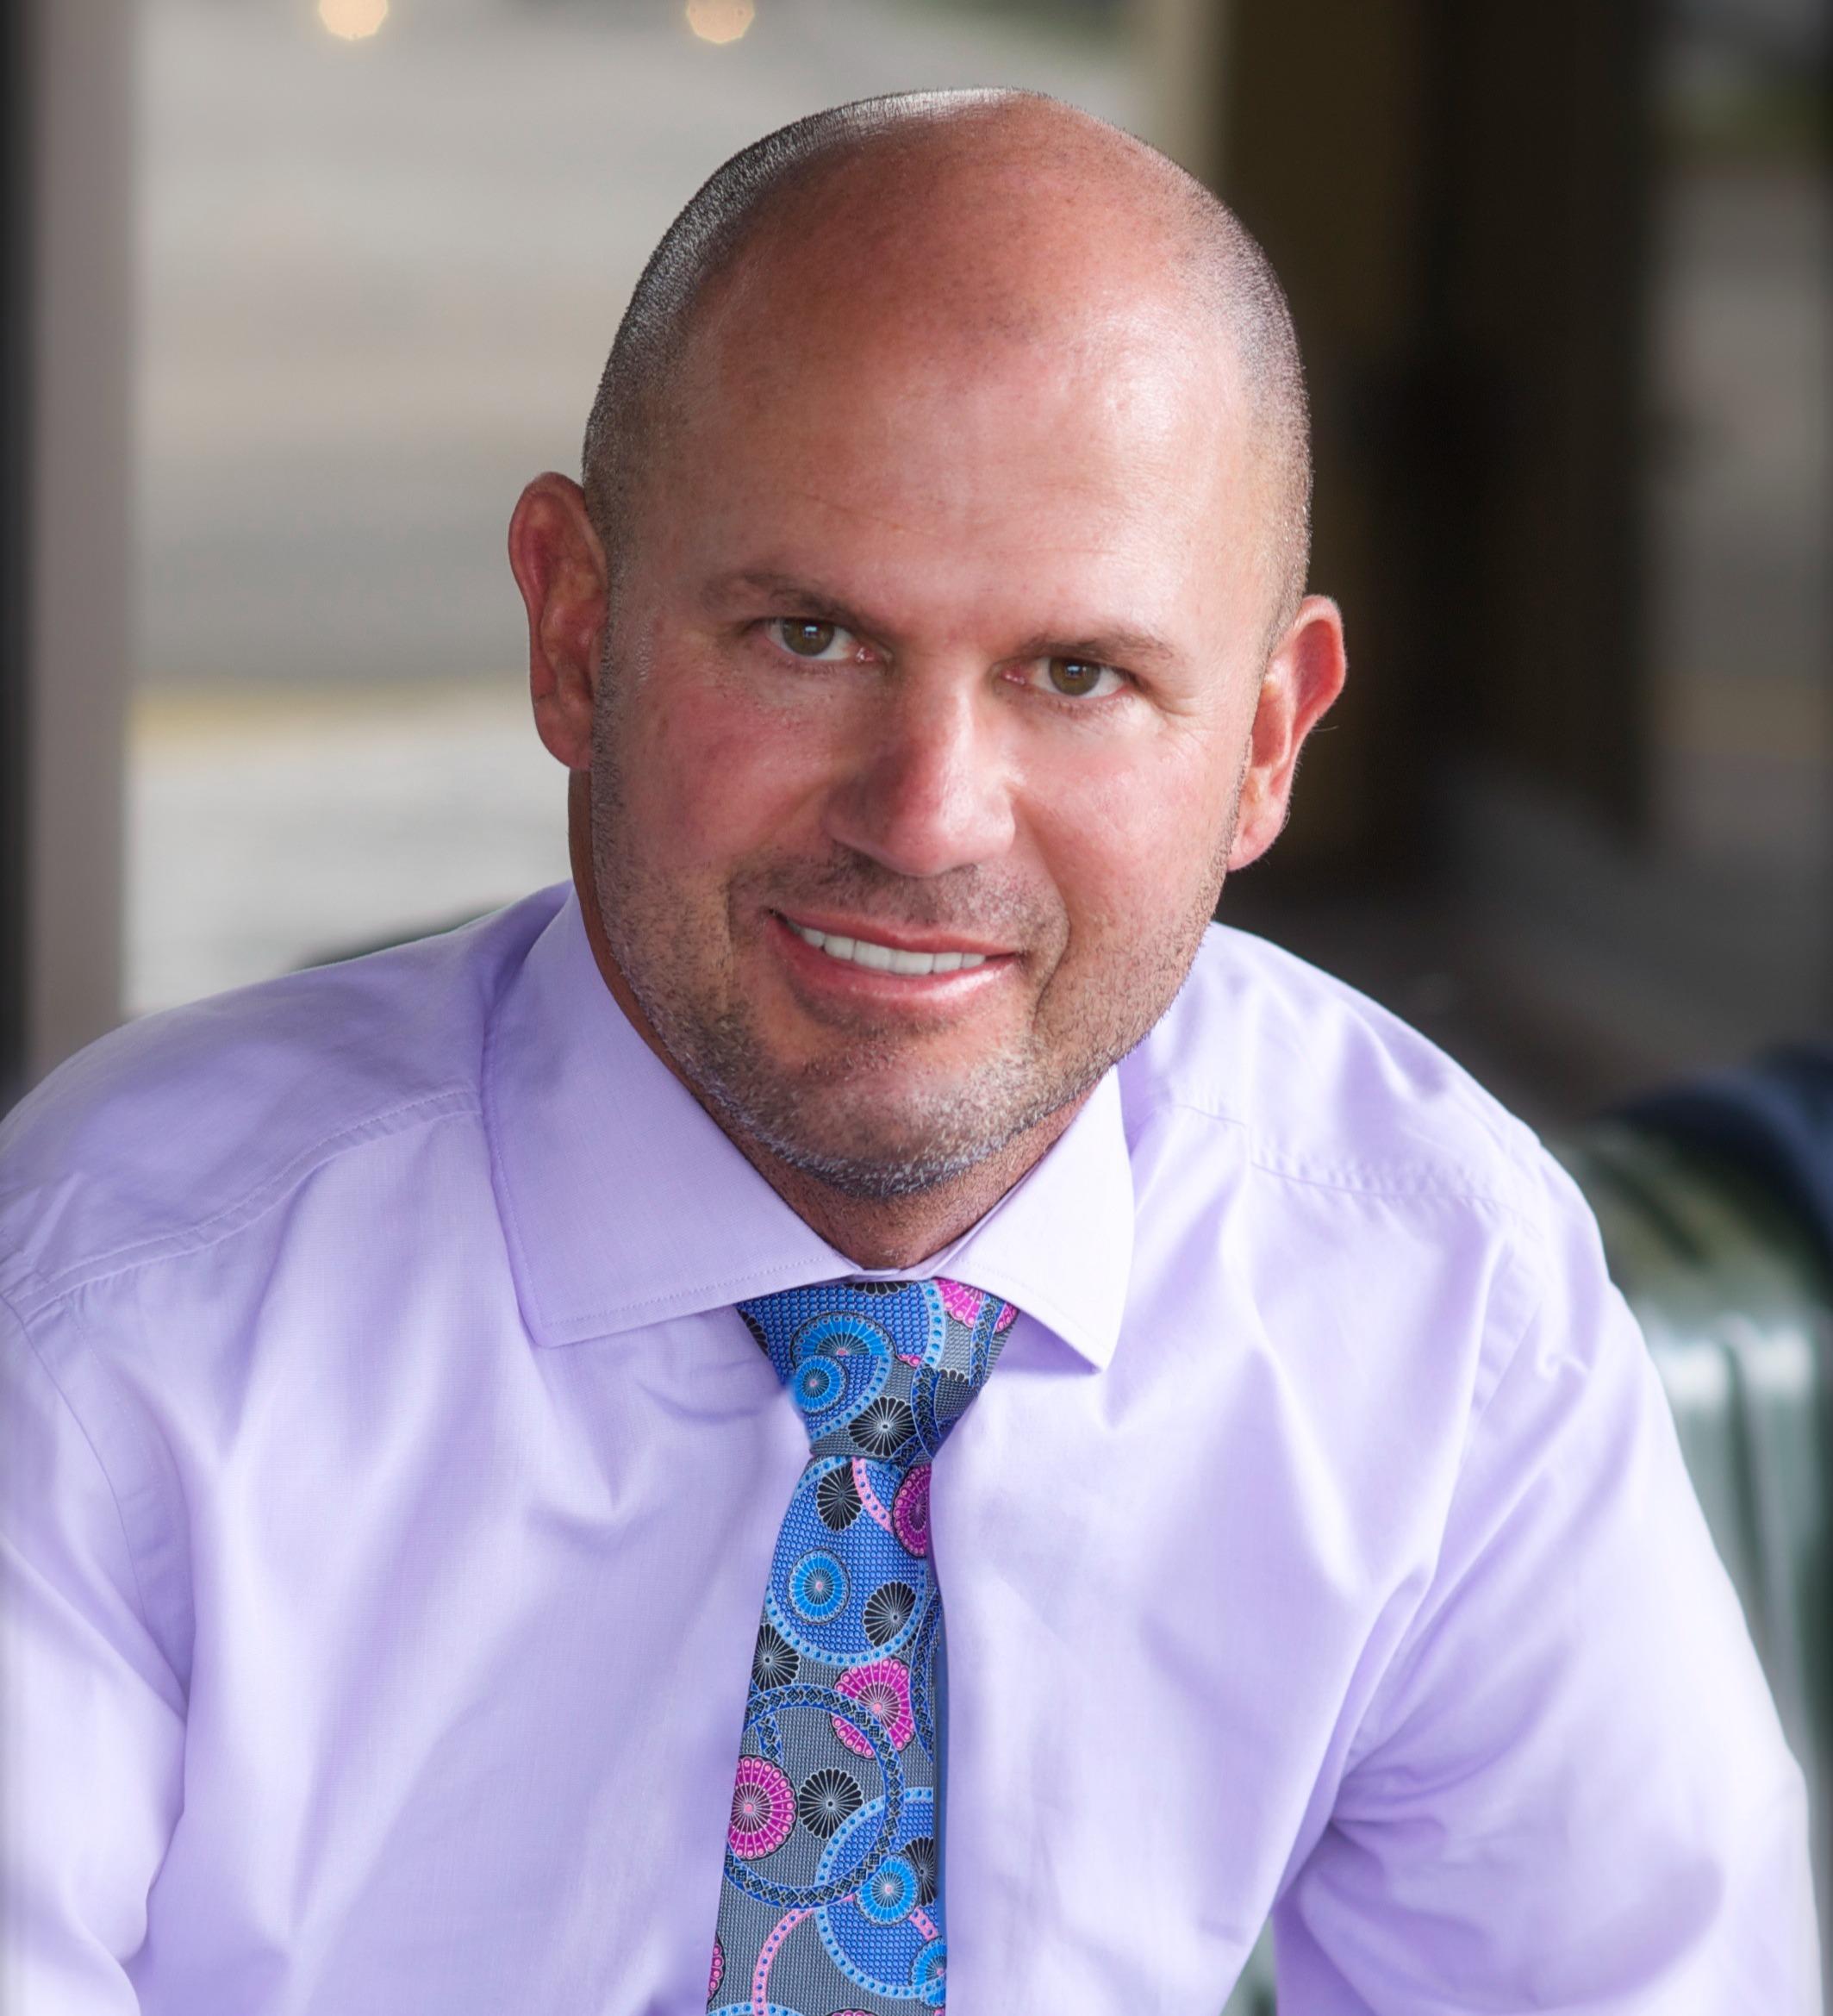 Gregg M. Hollander's Profile Image